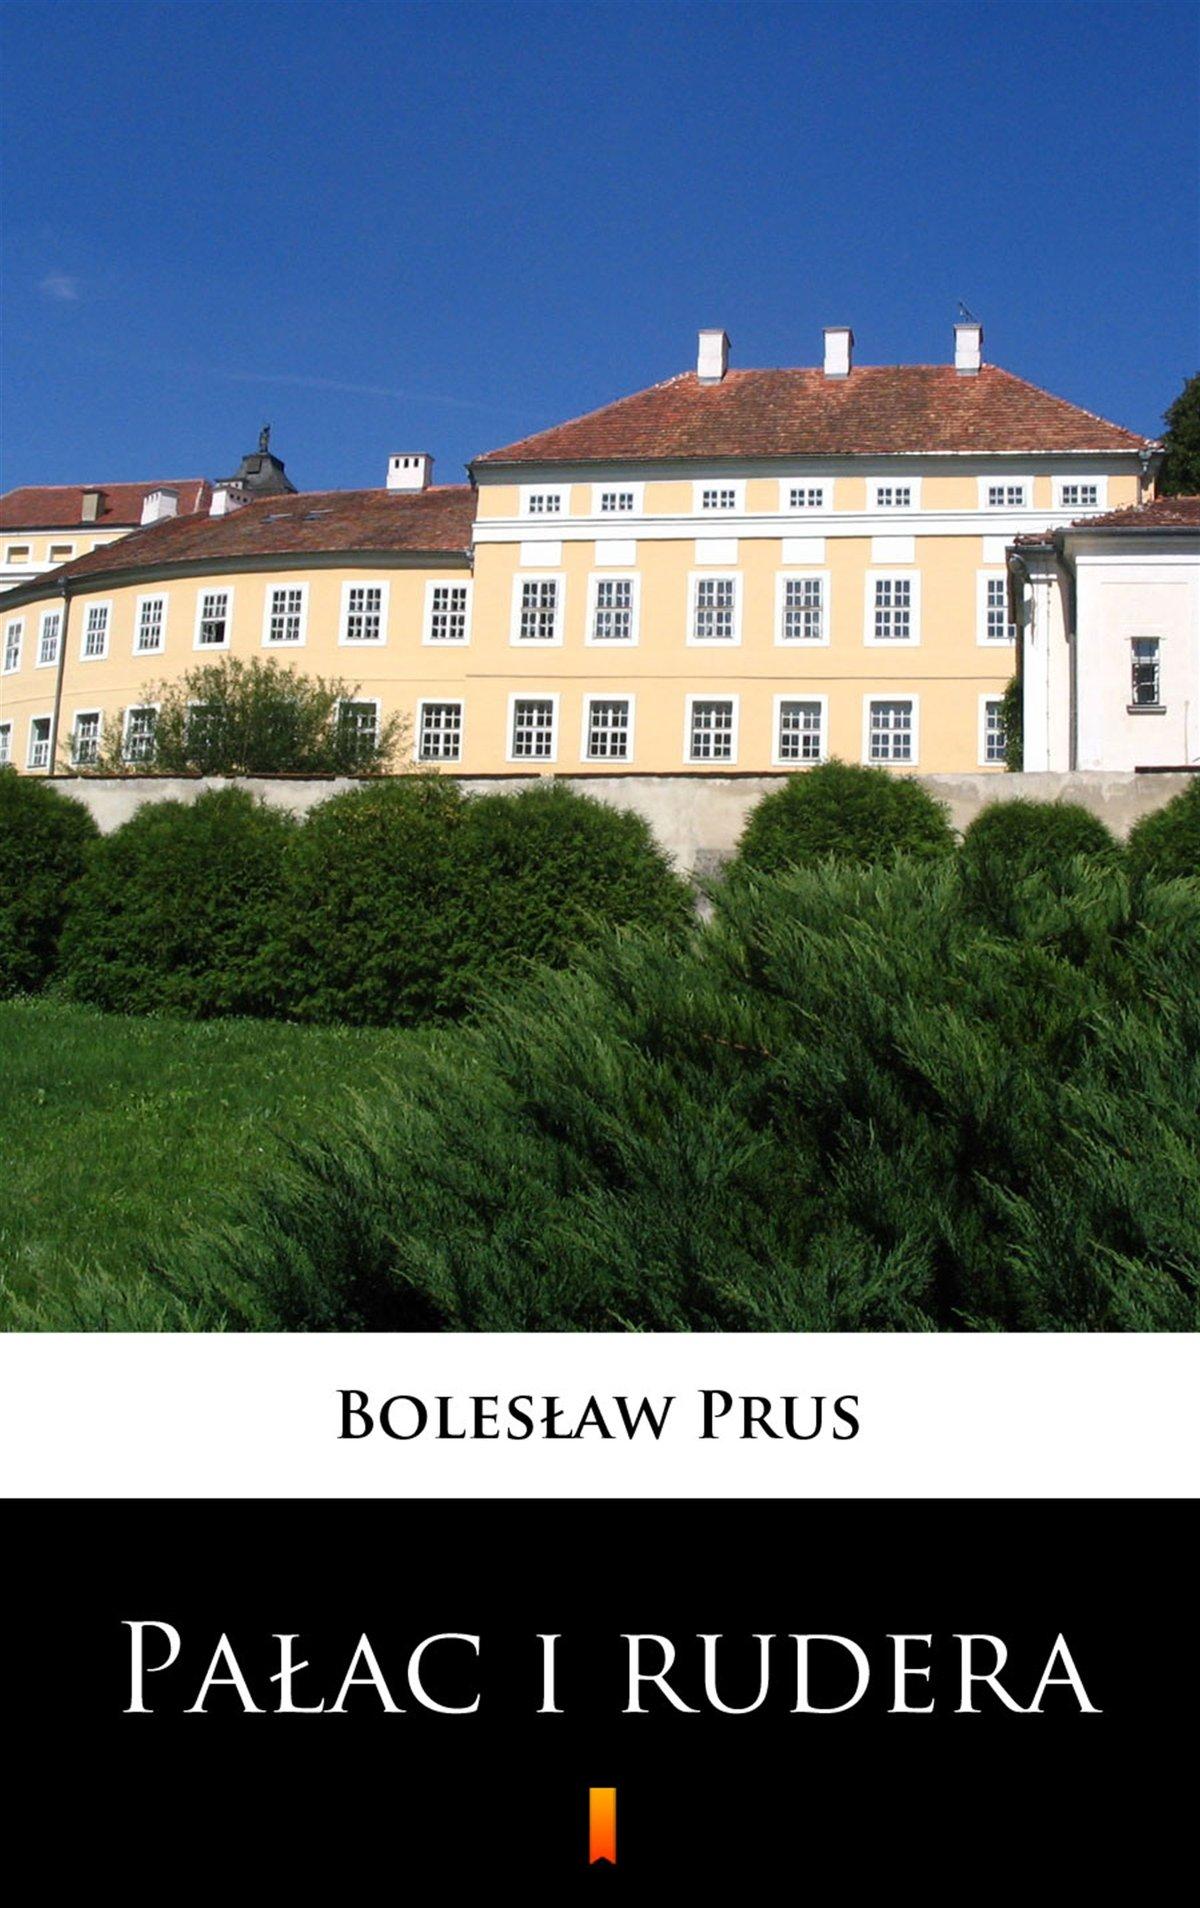 Pałac i rudera - Ebook (Książka na Kindle) do pobrania w formacie MOBI